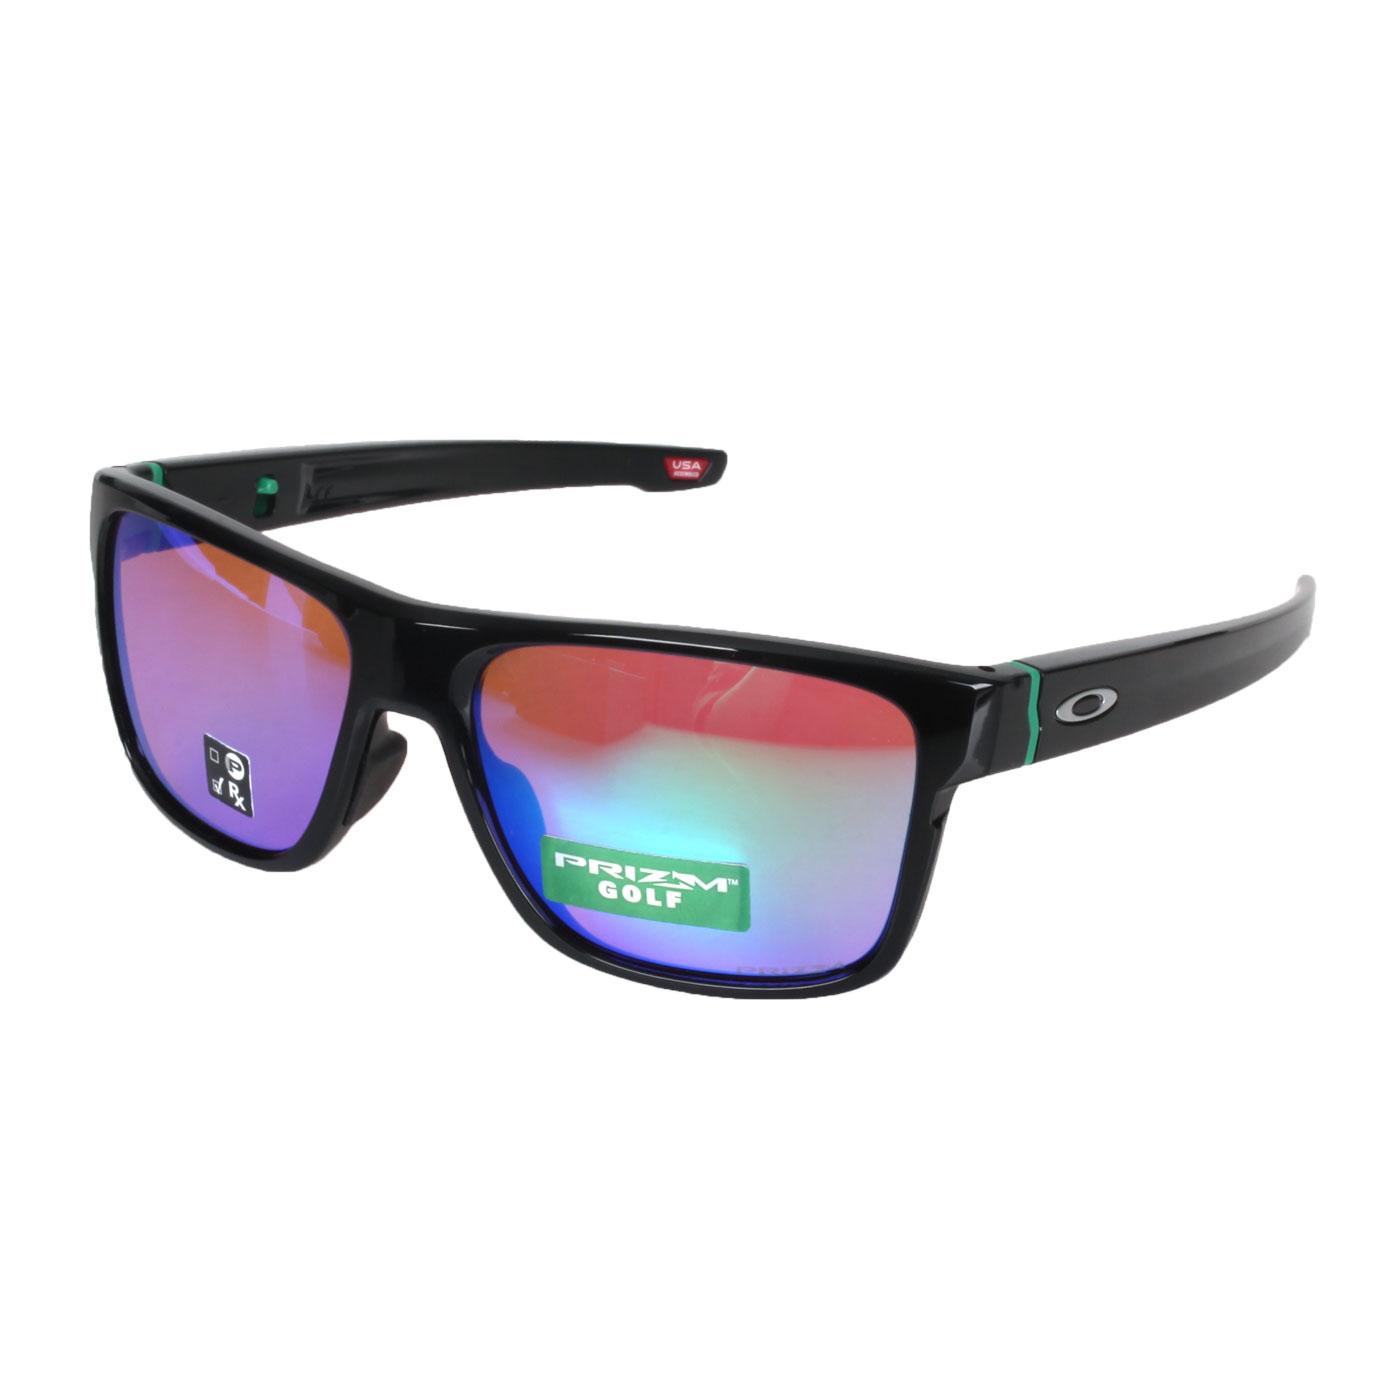 OAKLEY CROSSRANGE一般太陽眼鏡(附鏡袋) OAK-OO9371-1257 - 黑藍綠